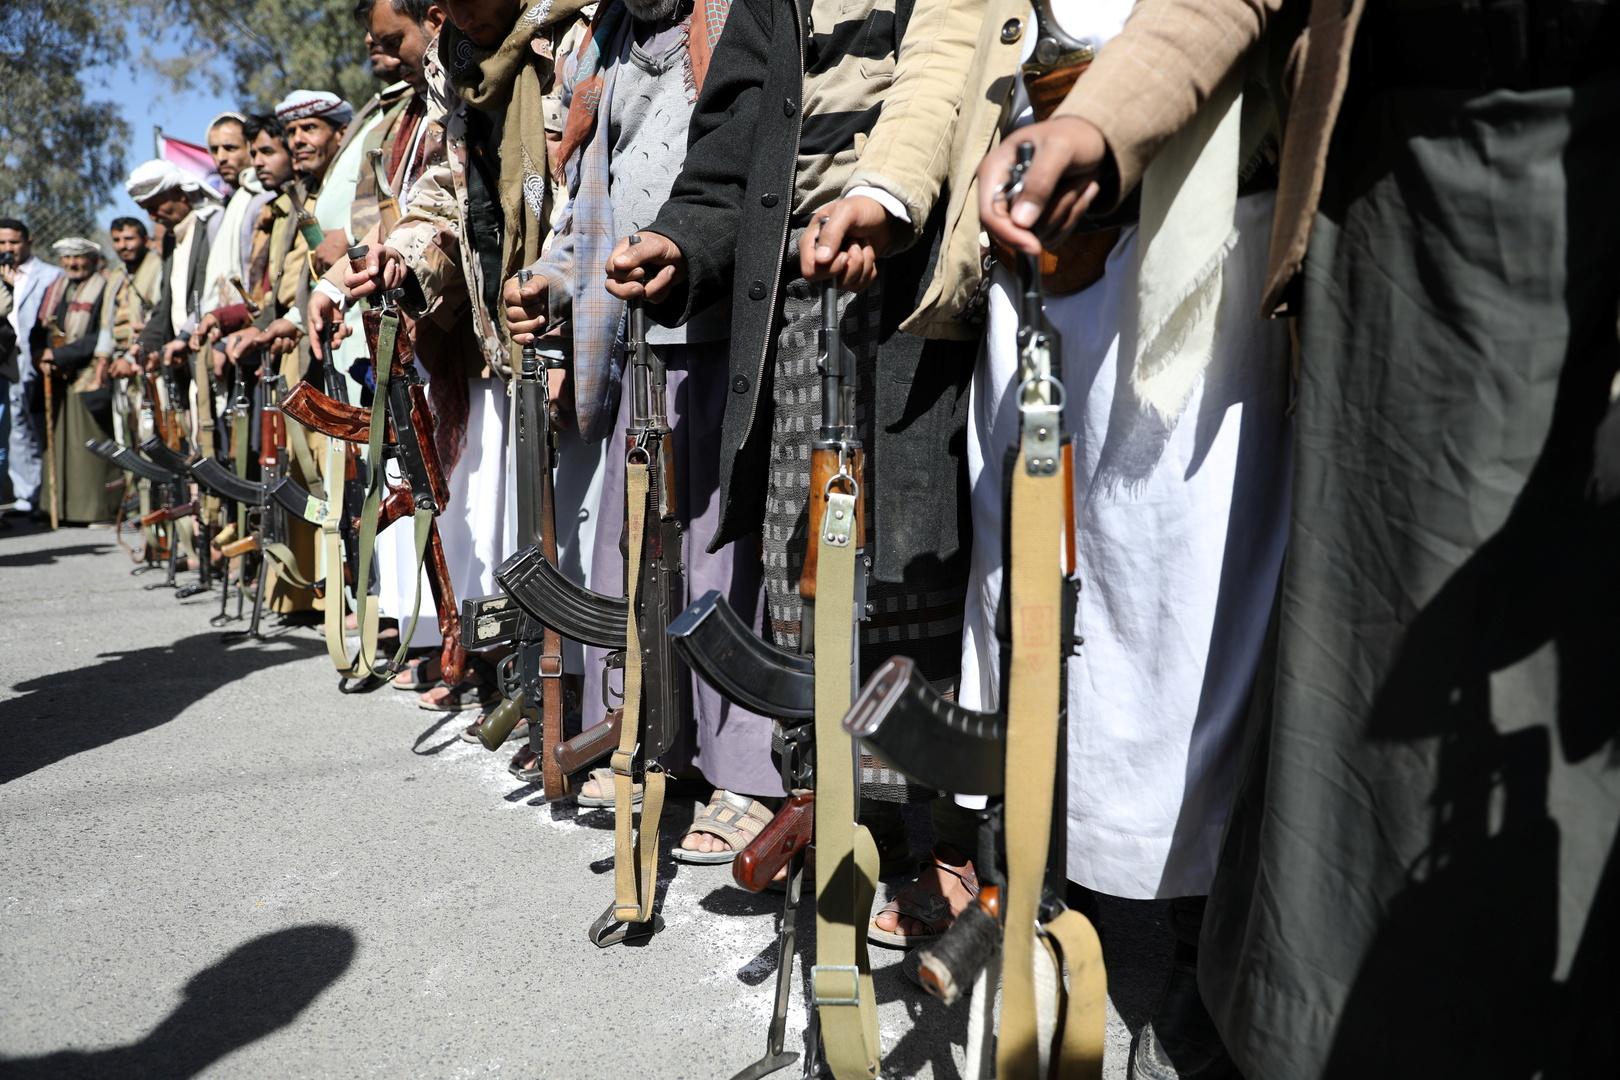 الحوثيون يعلنون تنفيذ عملية هجومية على السعودية بـ14 طائرة مسيرة و8 صواريخ بالستية